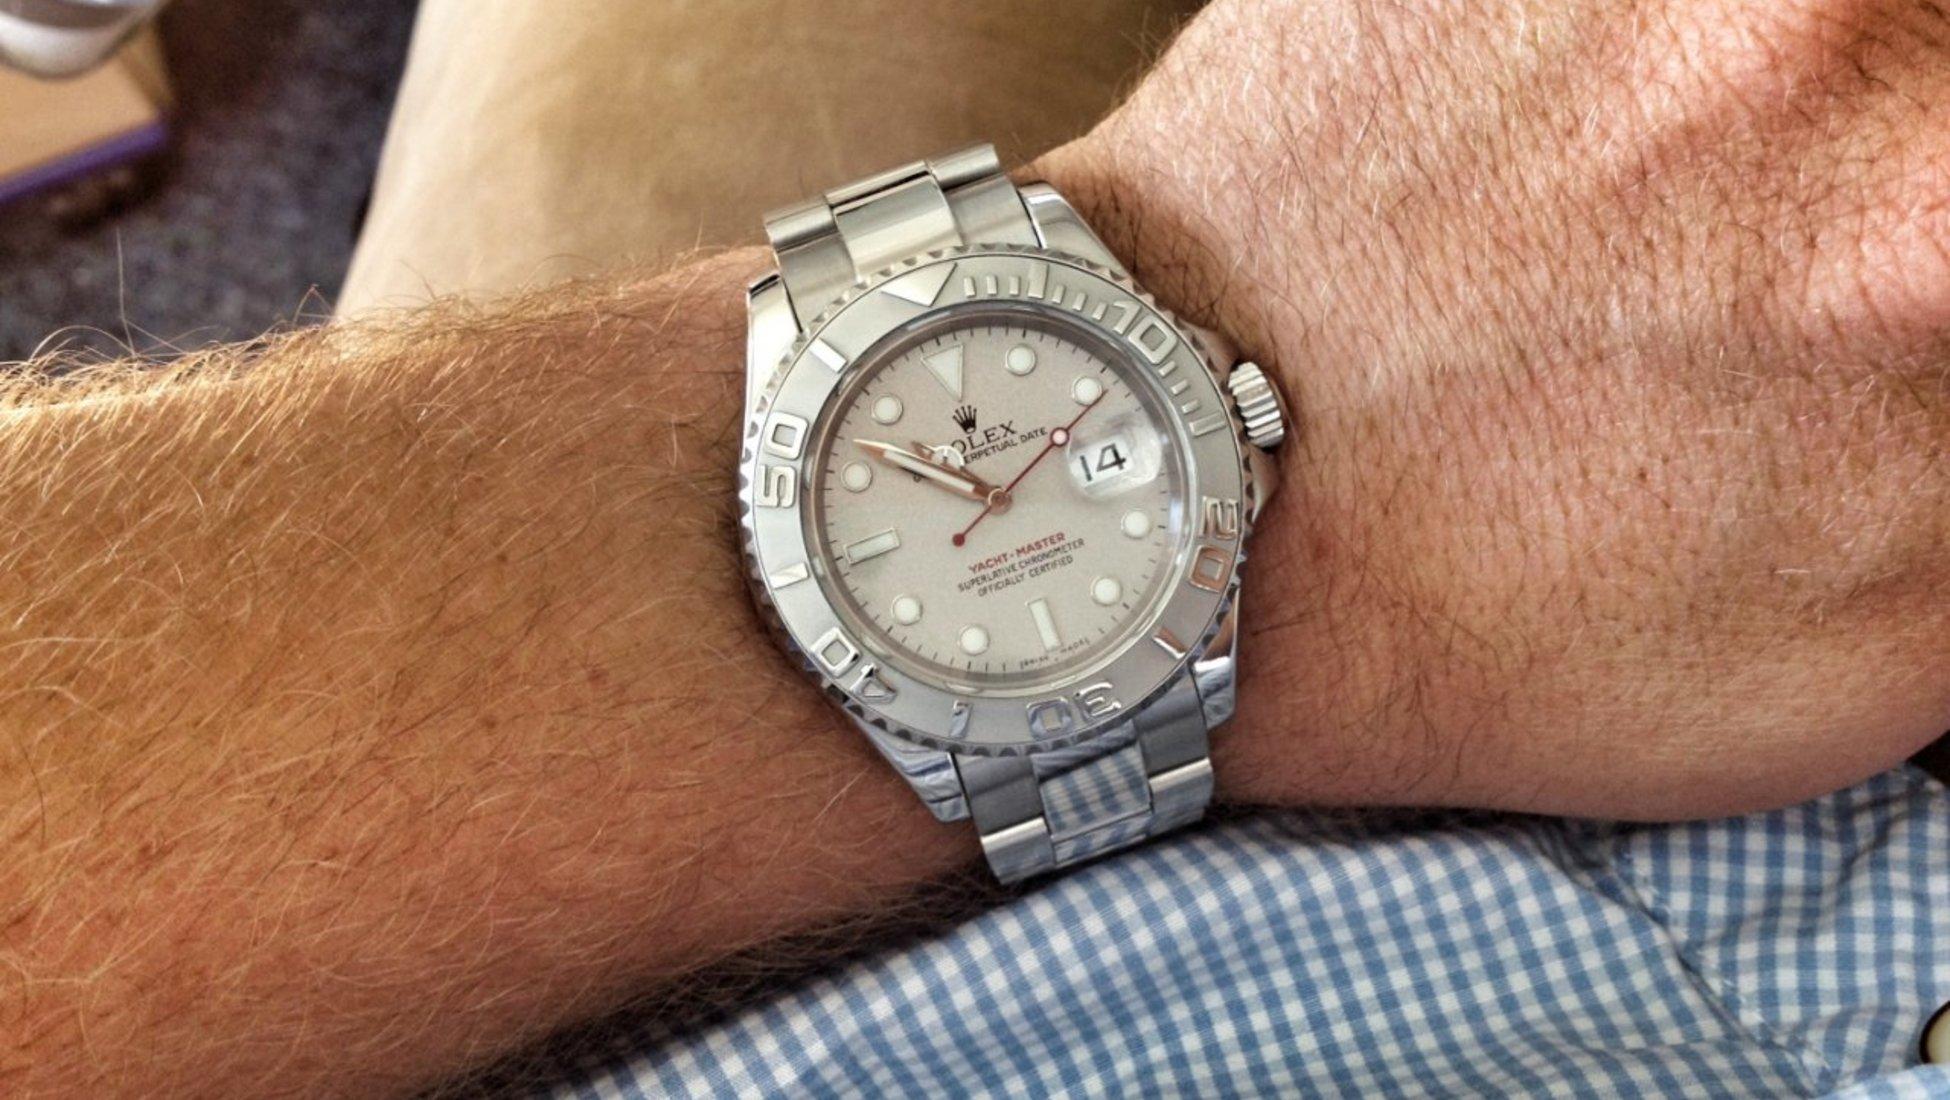 db6e4381637 Para o derradeiro casal do poder o que poderia ser melhor do que o derradeiro  símbolo de estatuto social  O Rolex Day-Date